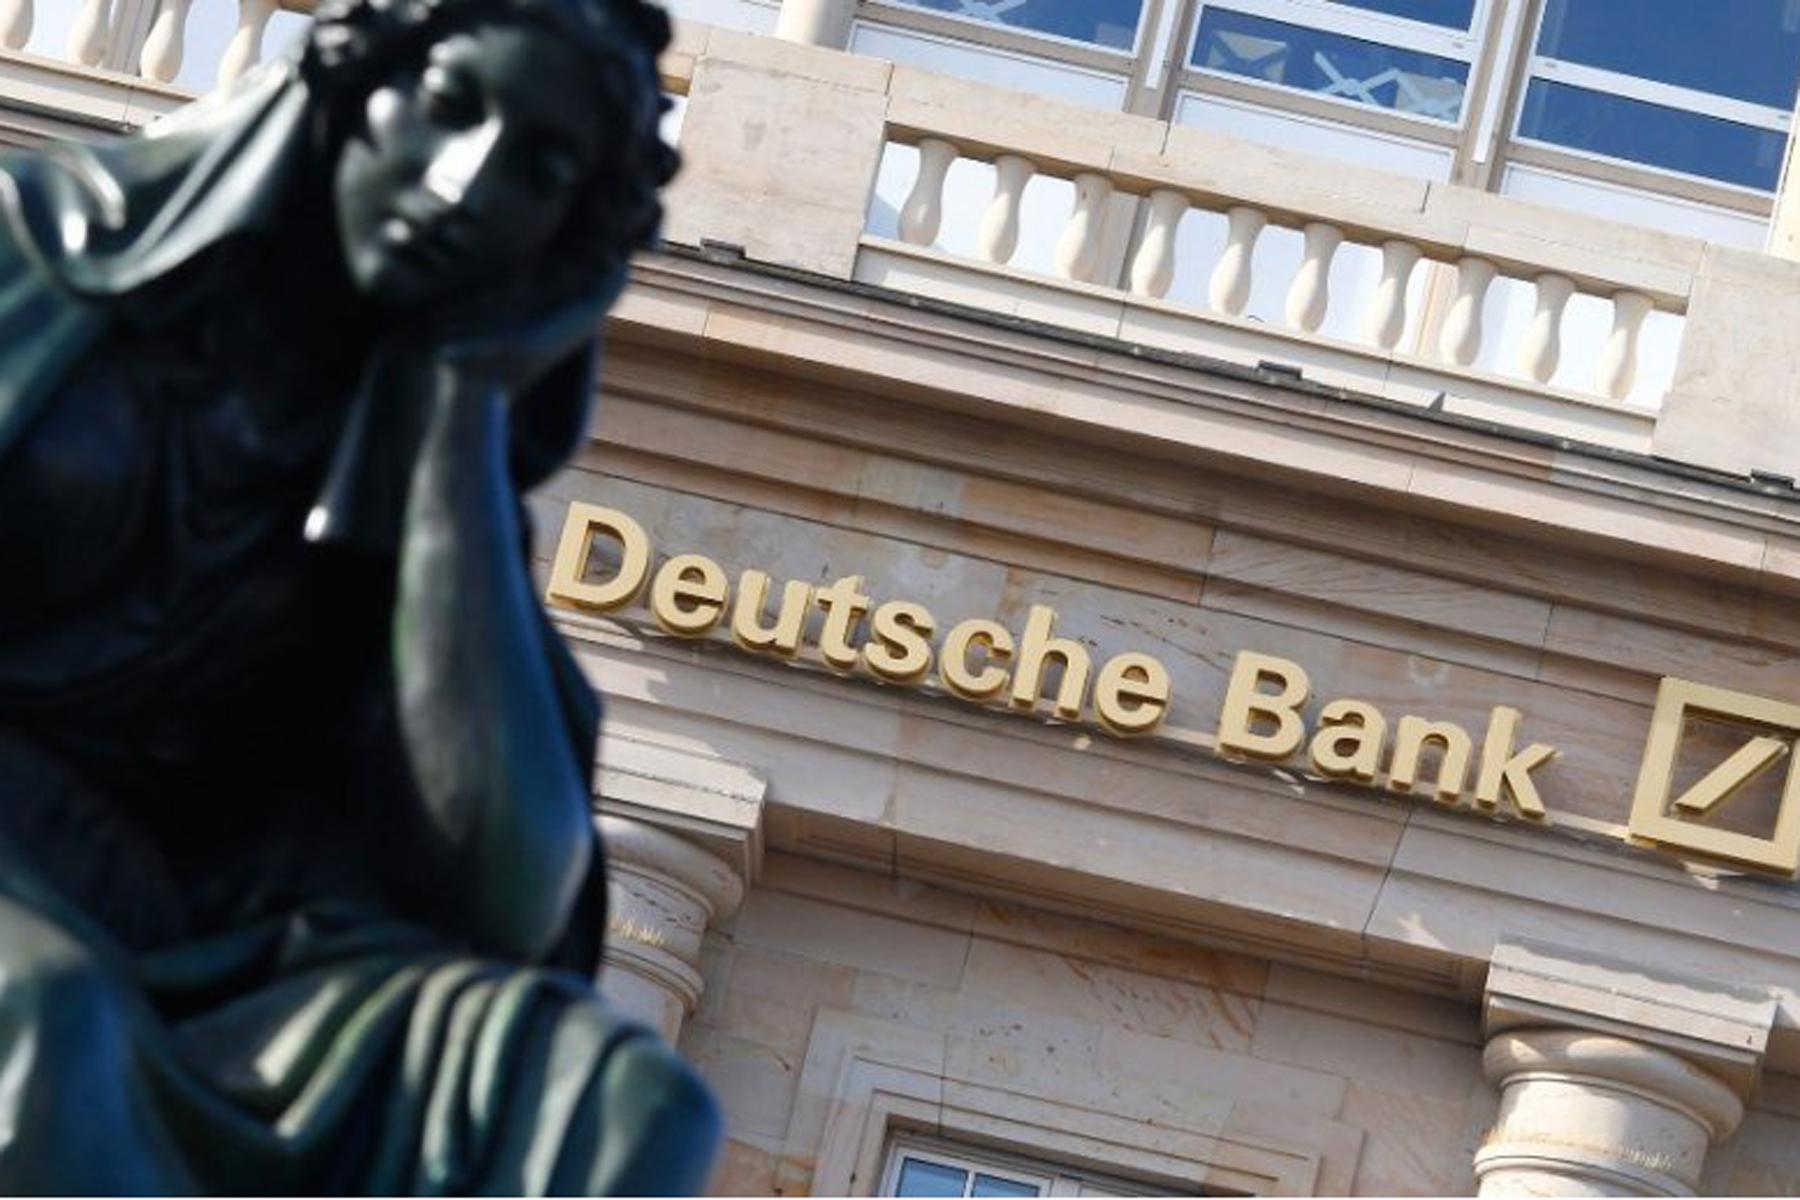 Deutsche Bank e la vendita sospetta di Btp italiani